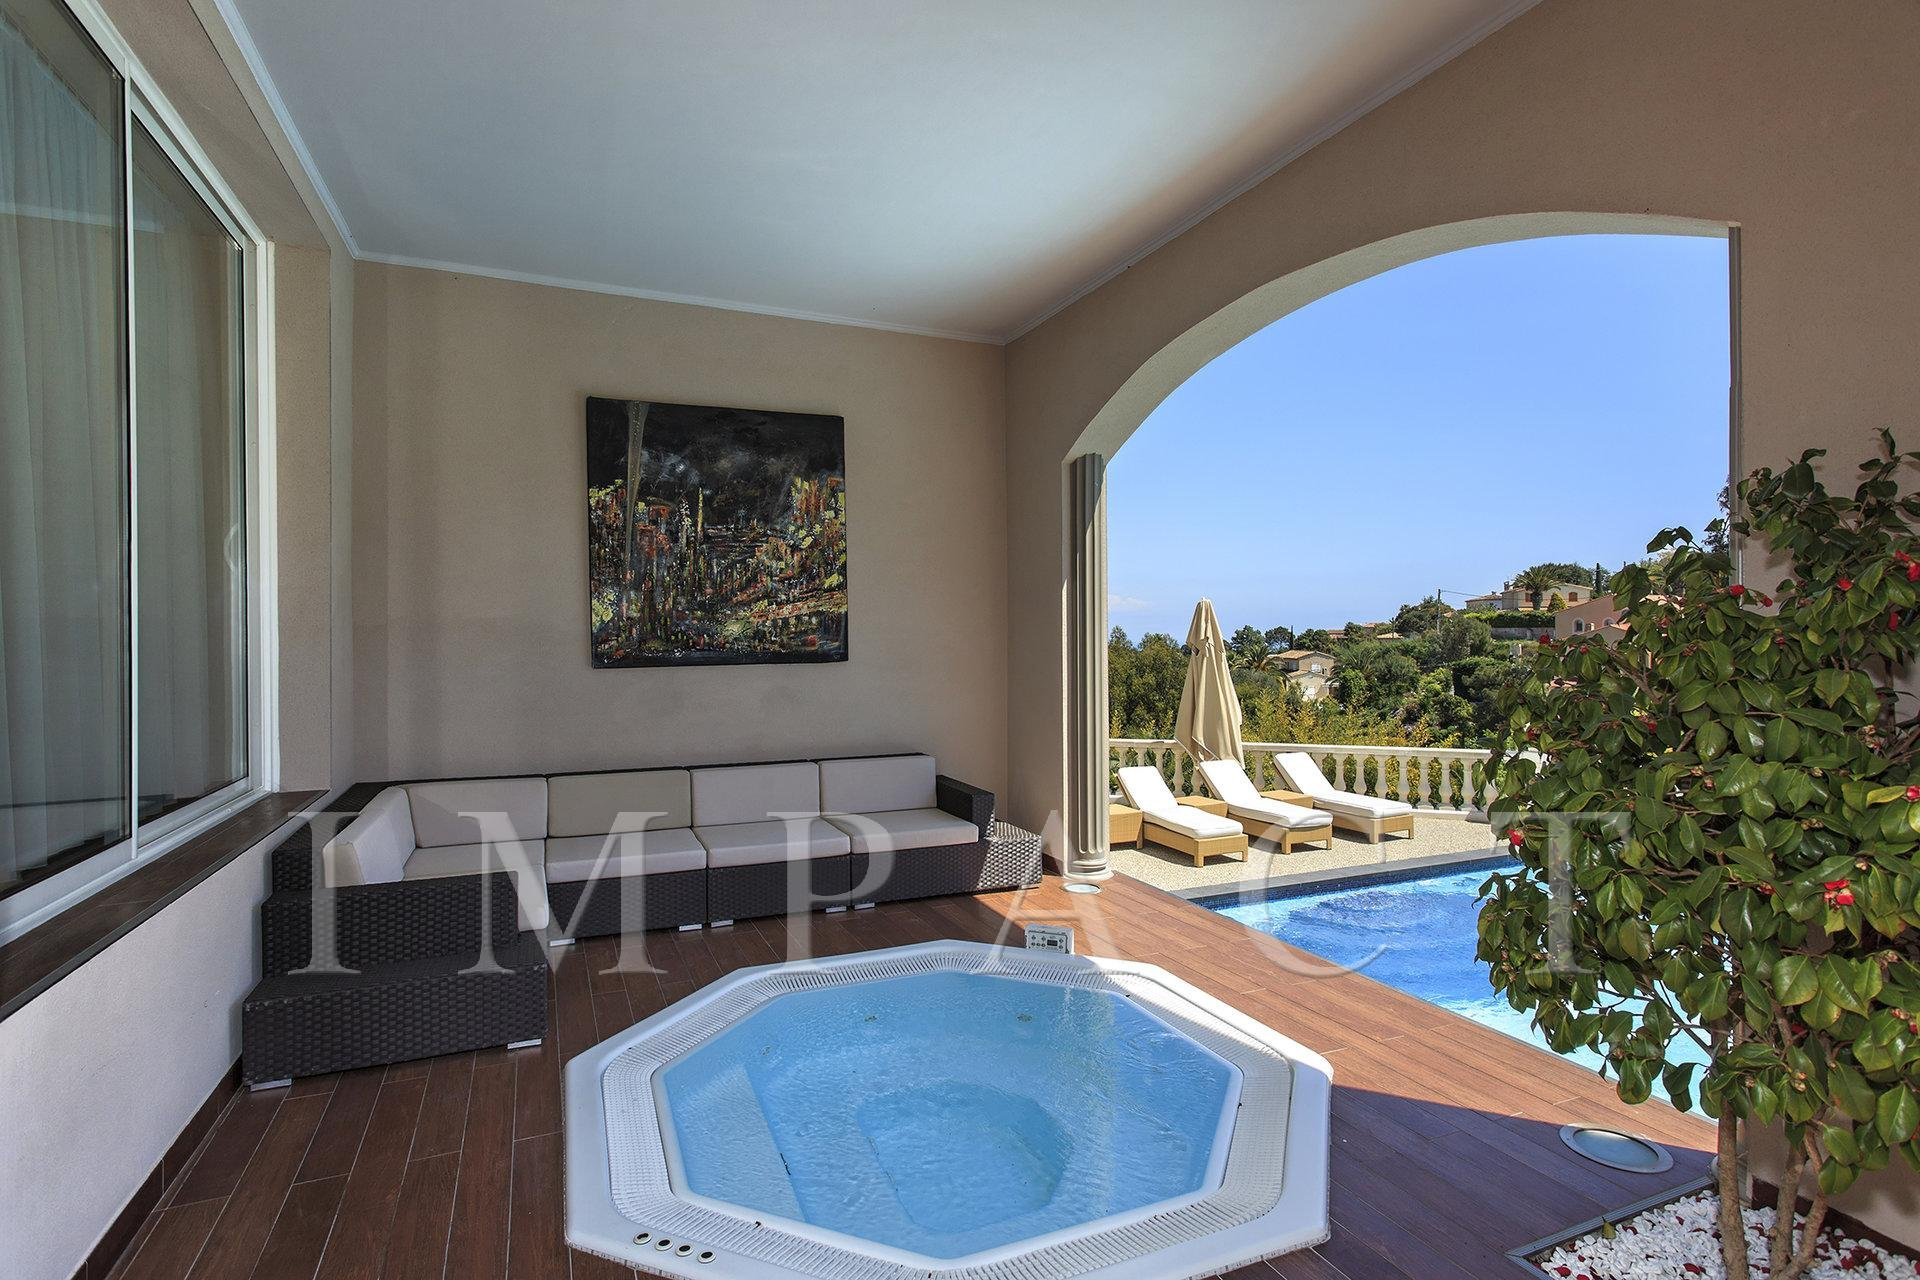 Magnifique domaine privée de 20.000m² à louer - Super Cannes